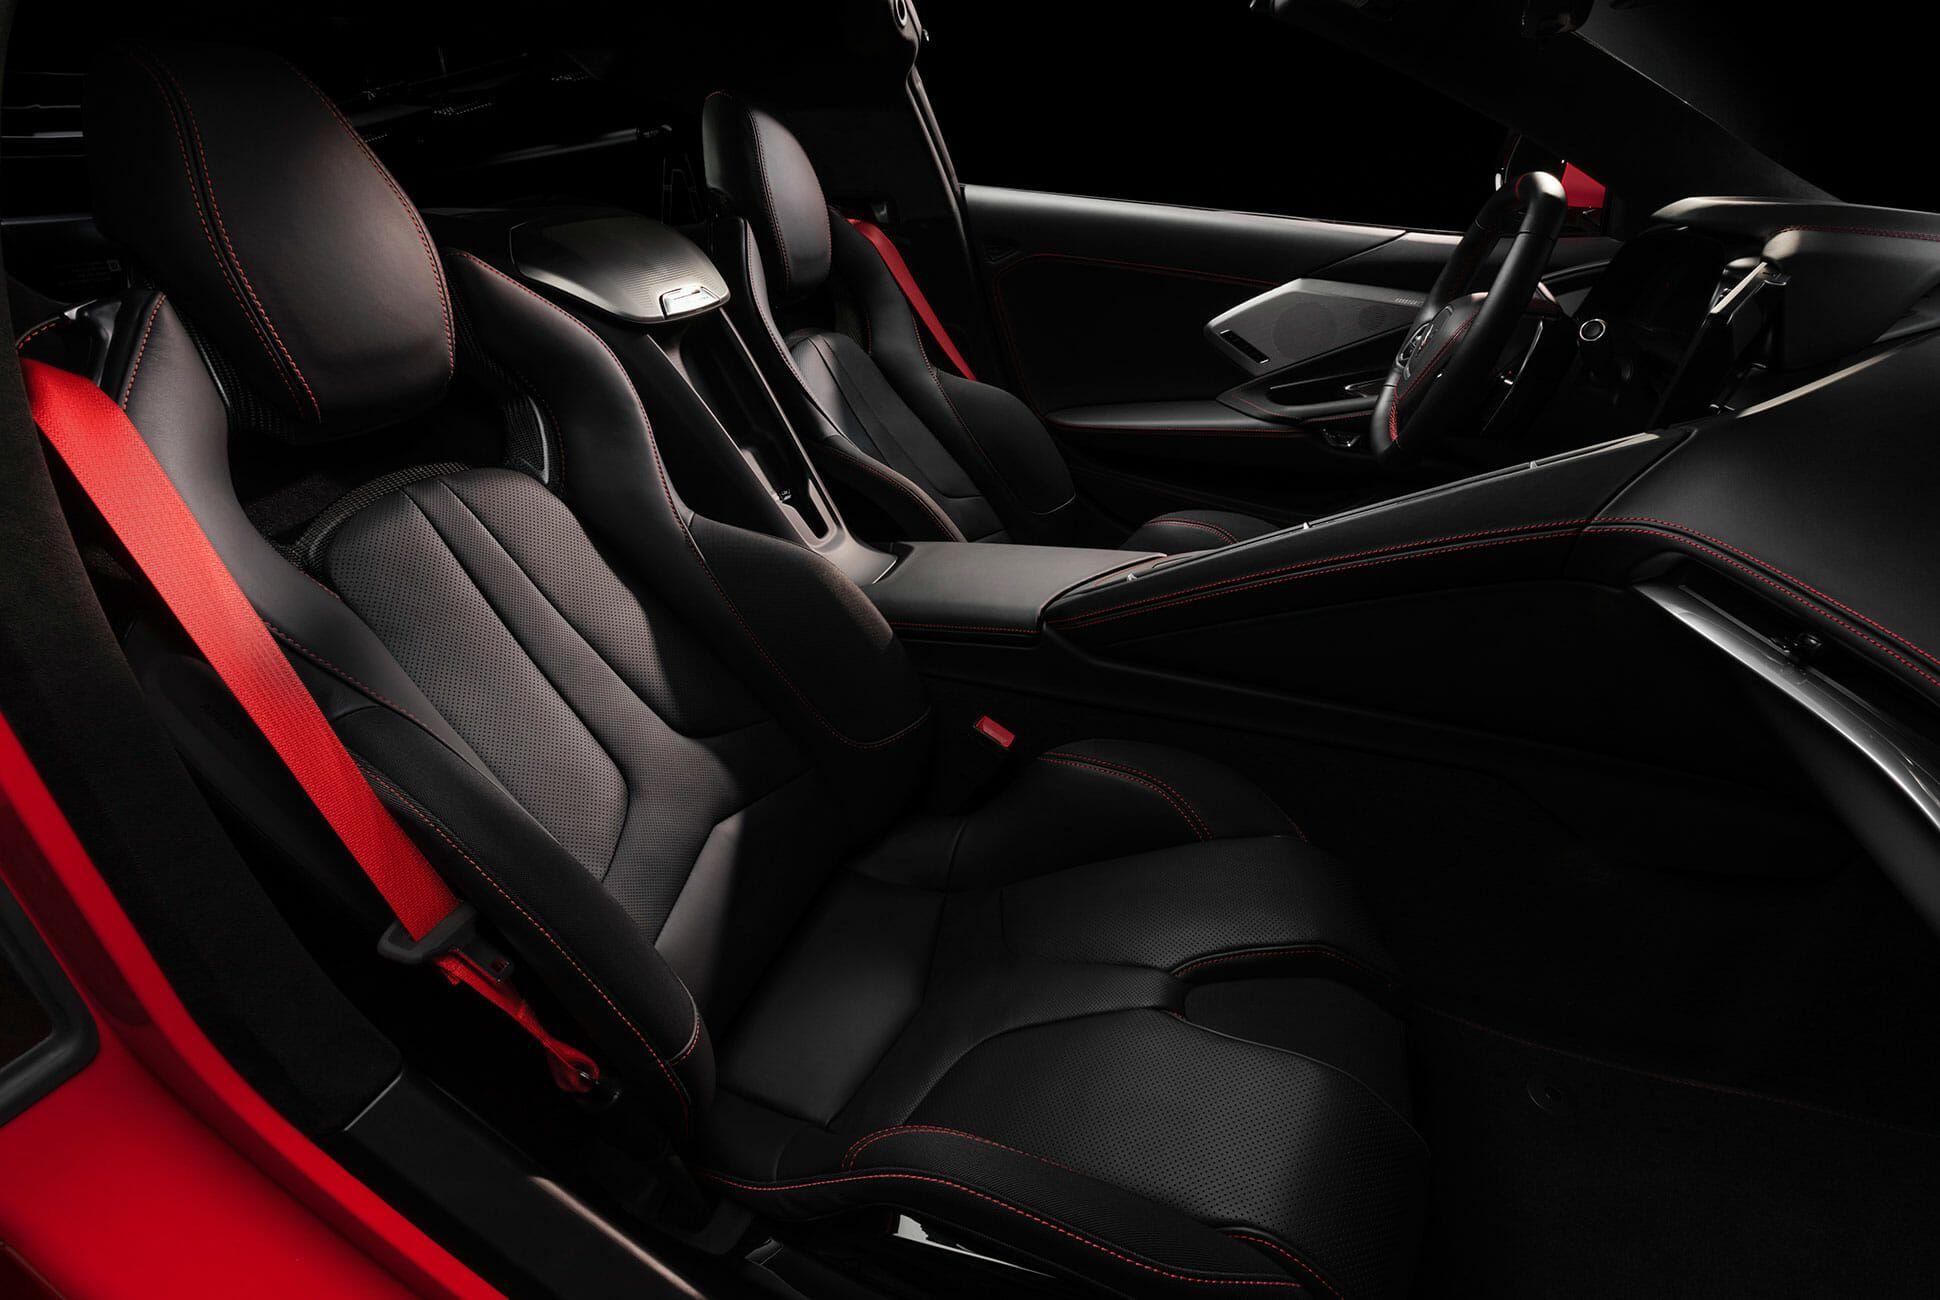 2020-Chevrolet-Corvette-Stingray-gear-patrol-slide-8